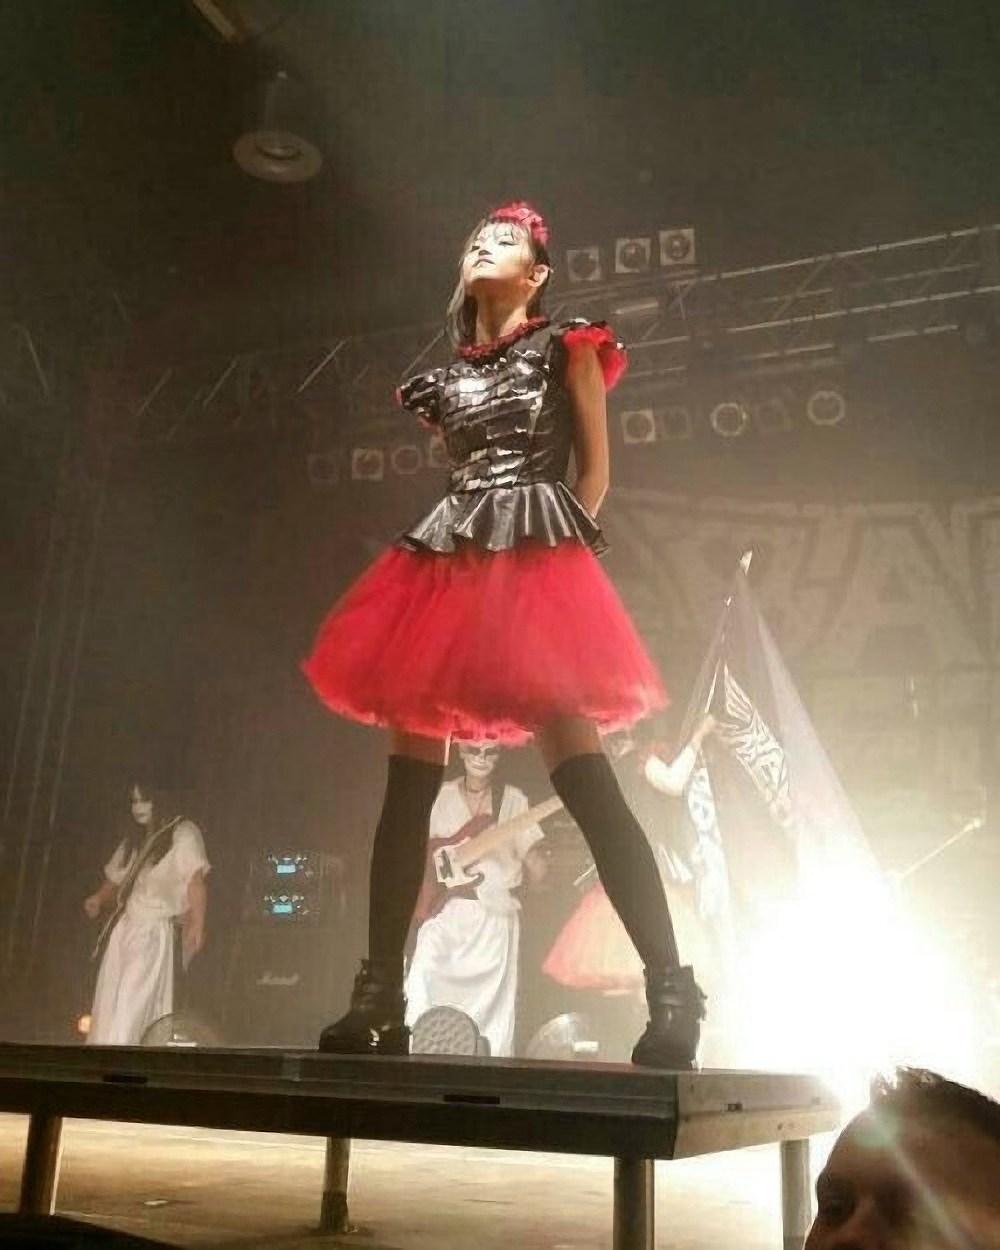 ステージ衣装を着たベビメタ・SU-METAL(中元すず香)